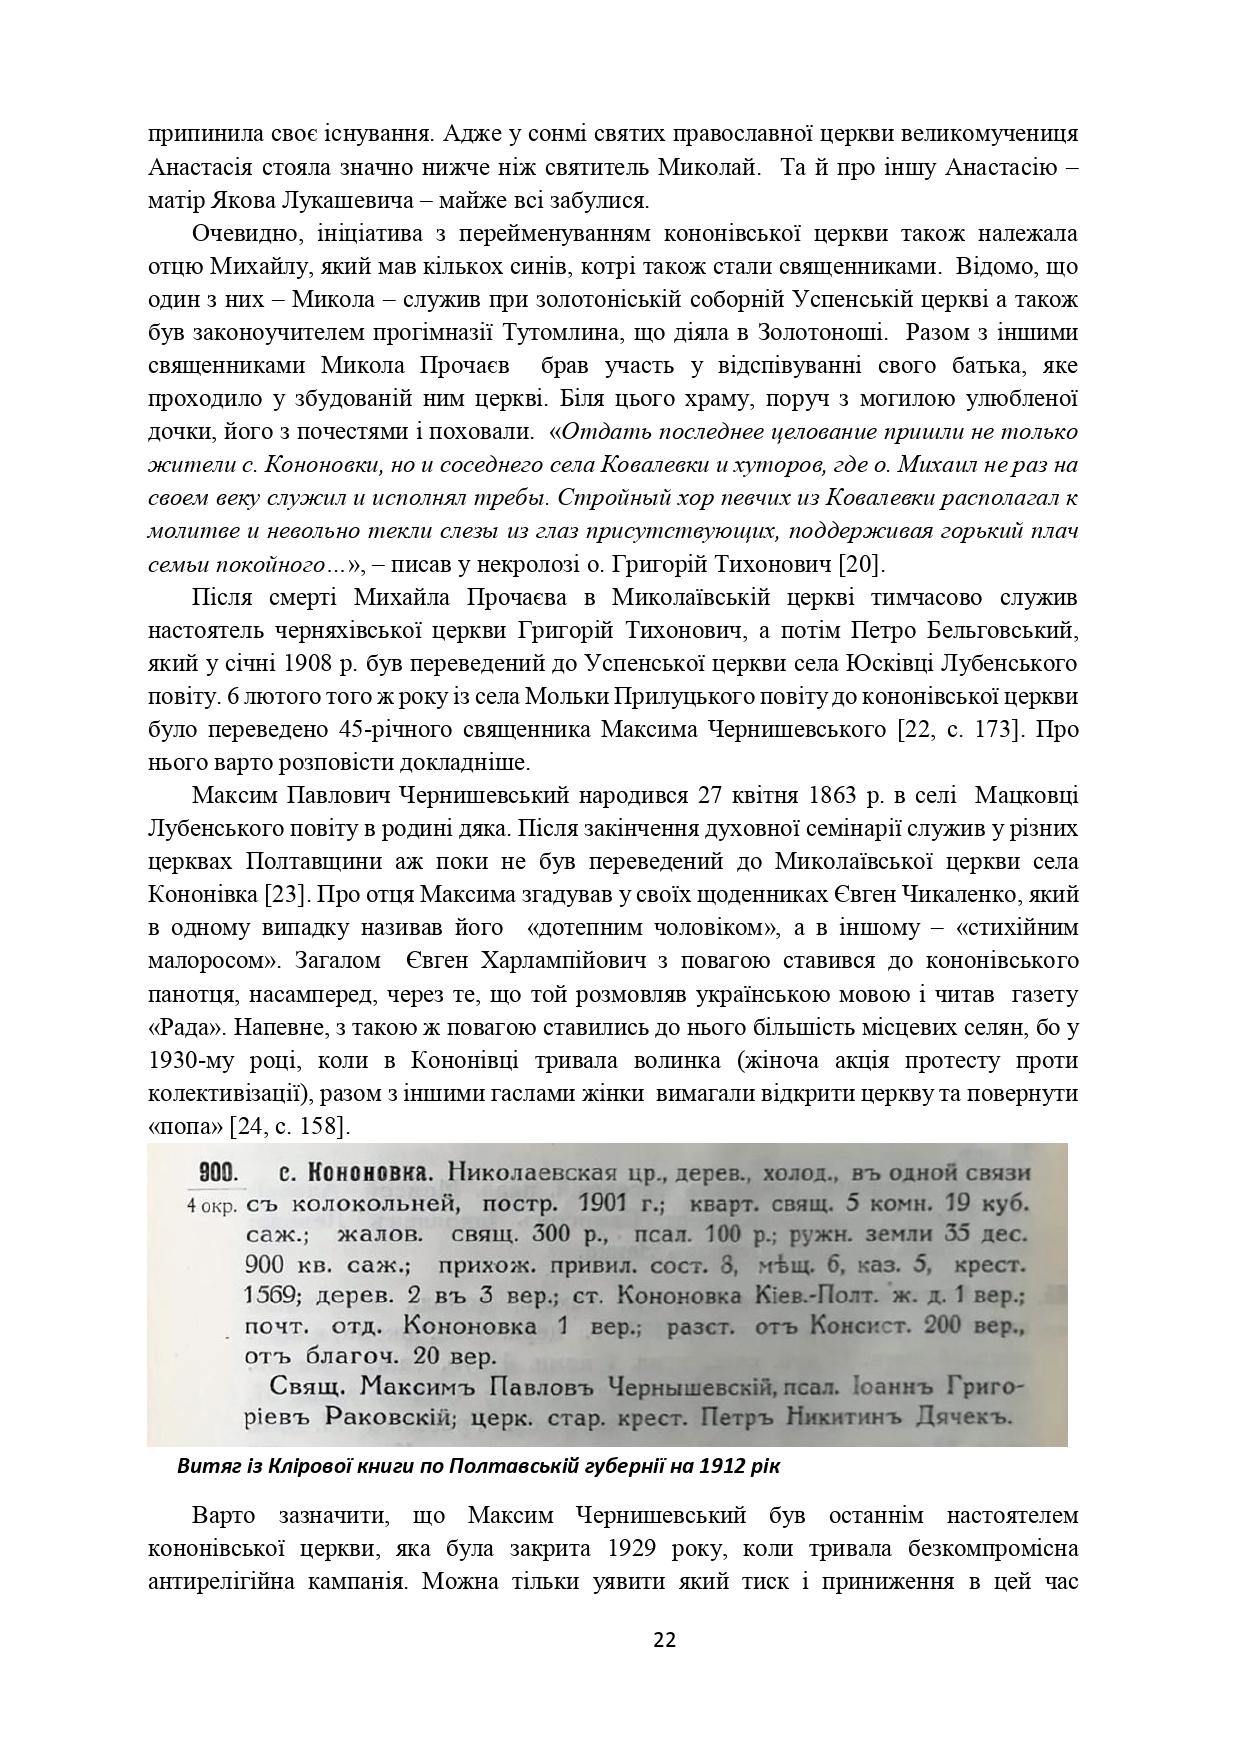 ІСТОРІЯ СЕЛА КОНОНІВКА 2021 (1)_page-0022